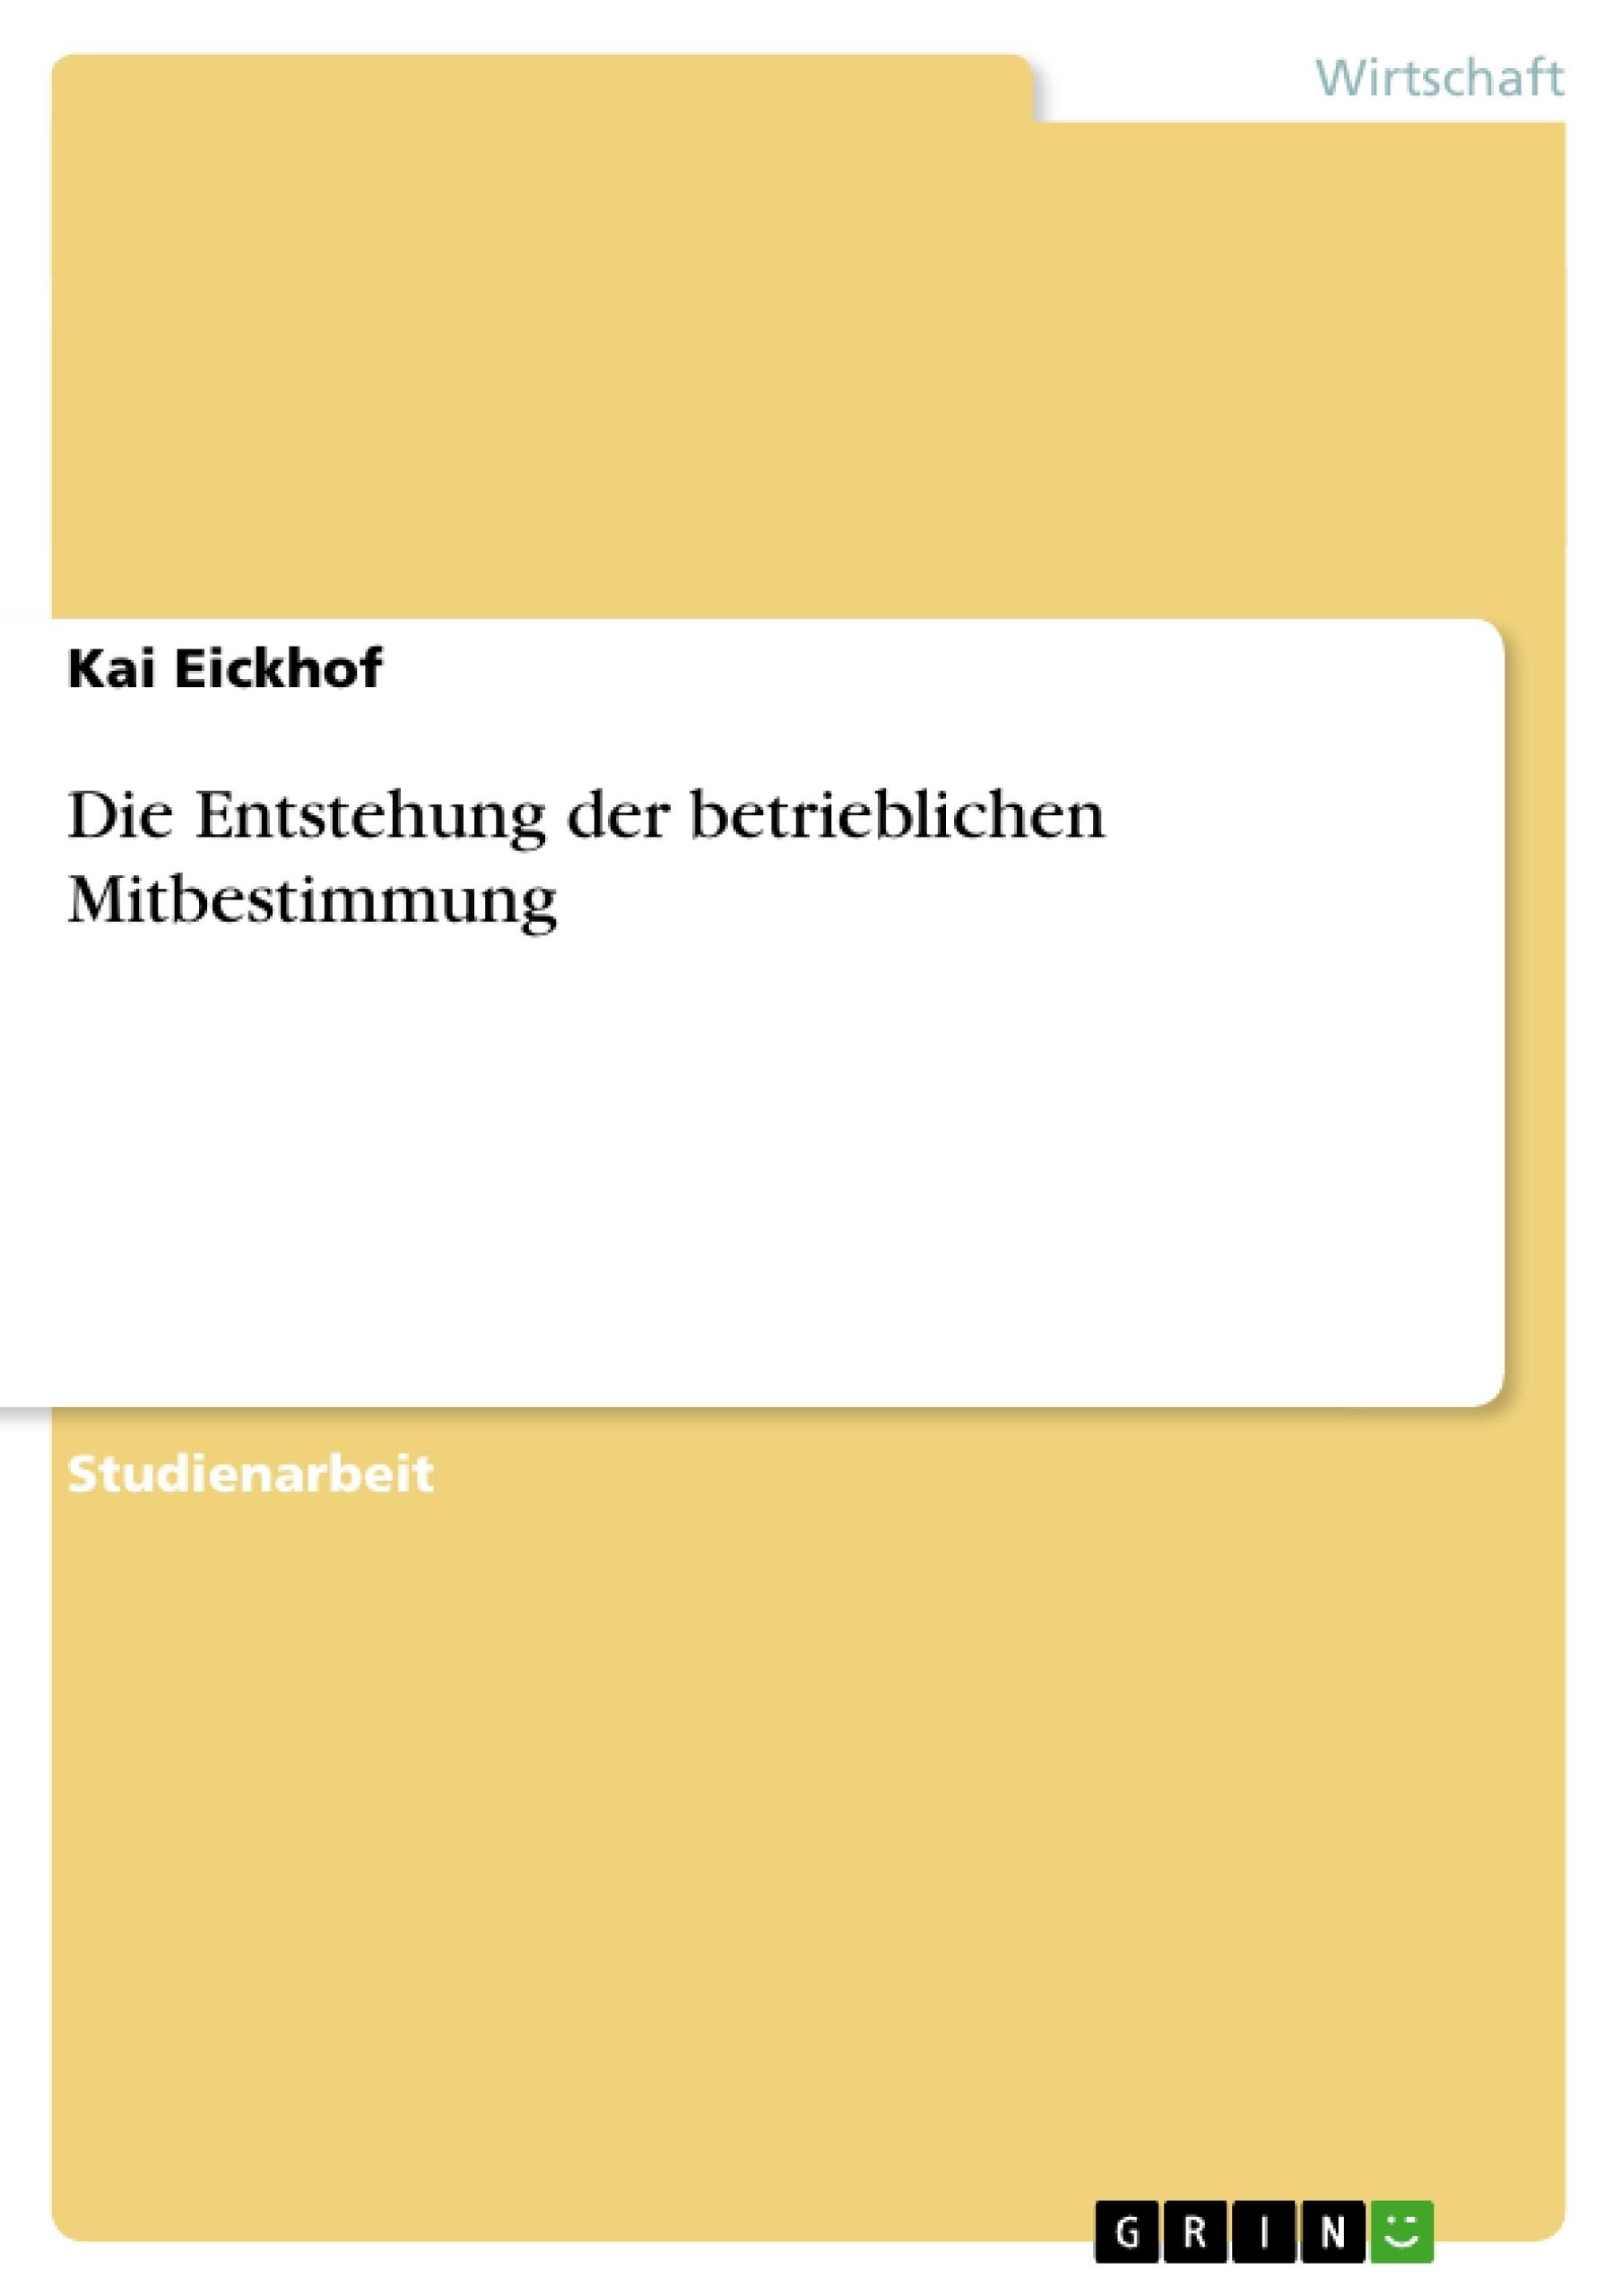 Titel: Die Entstehung der betrieblichen Mitbestimmung